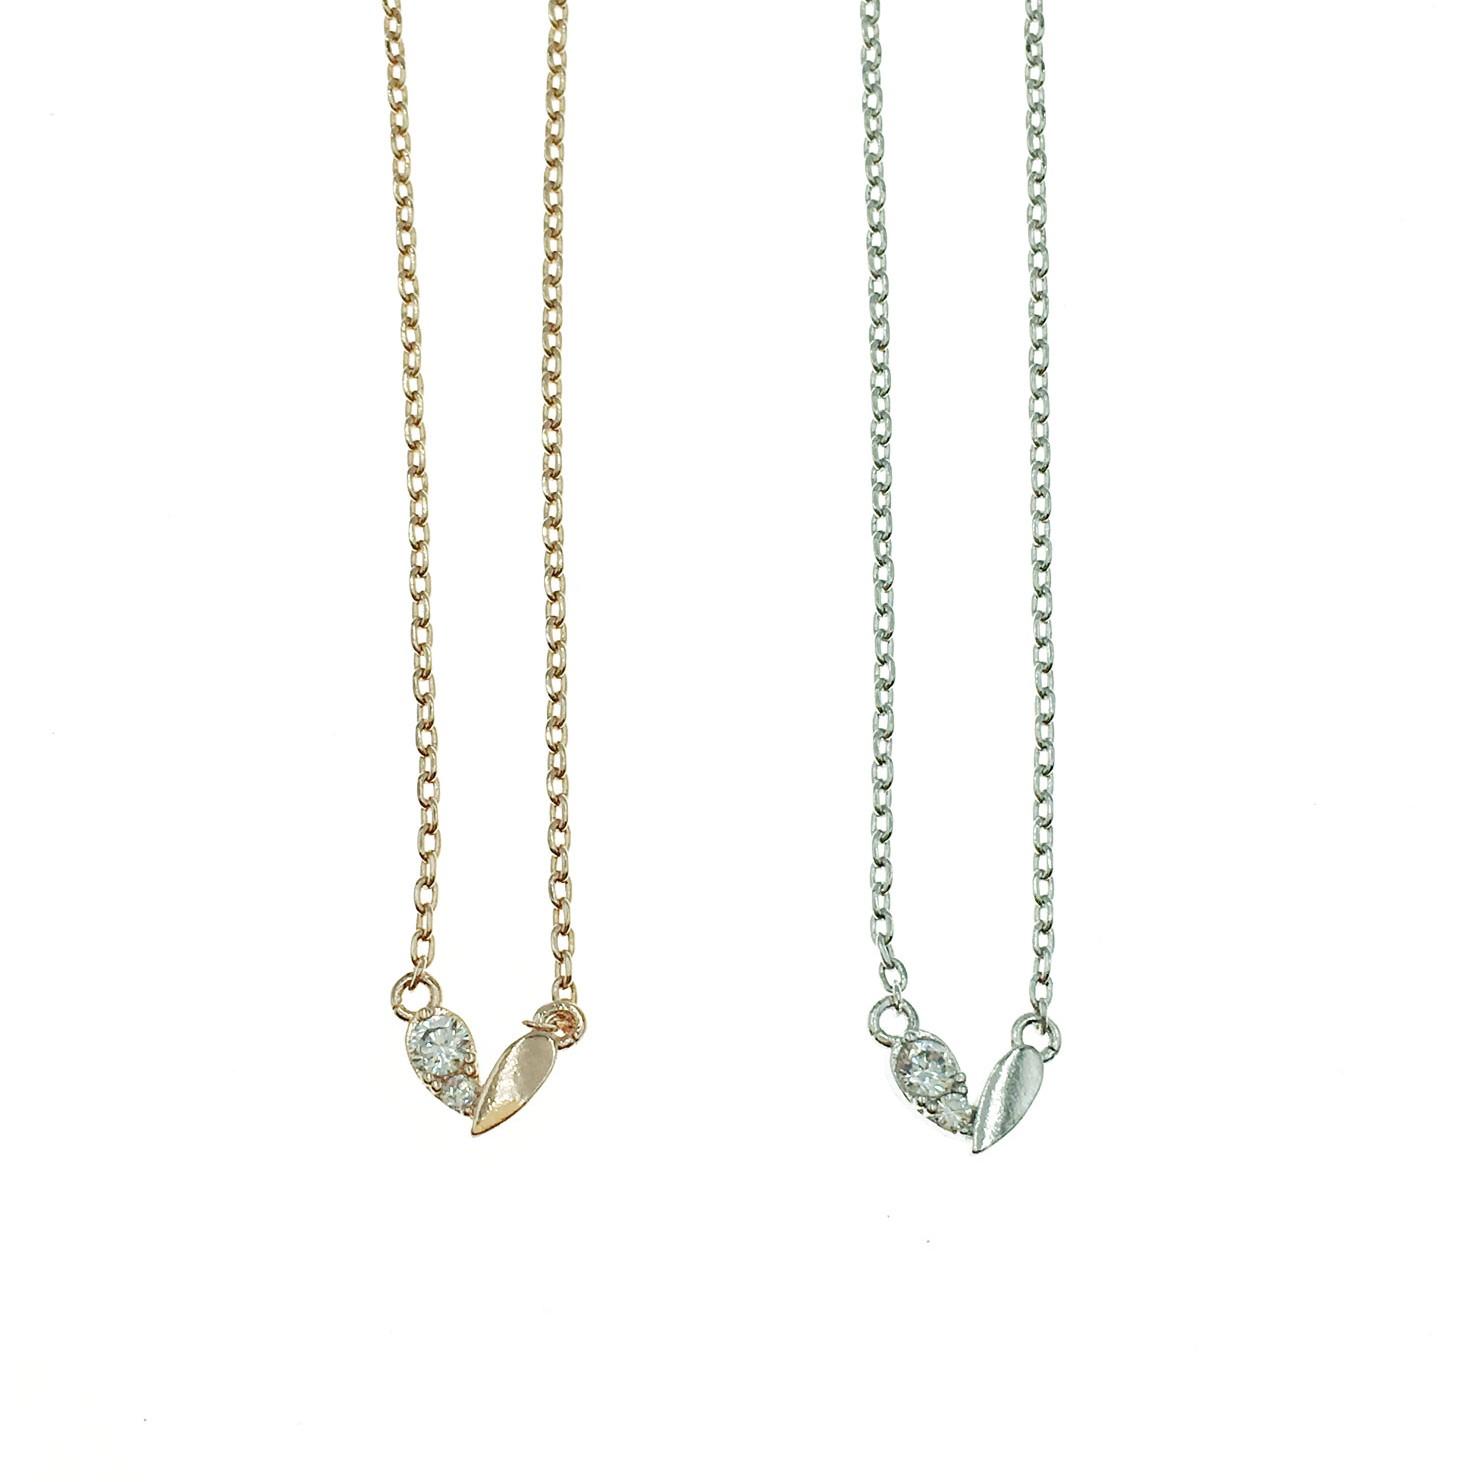 韓國 925純銀 明星款 水鑽 愛心 鎖骨練 兩色 項鍊